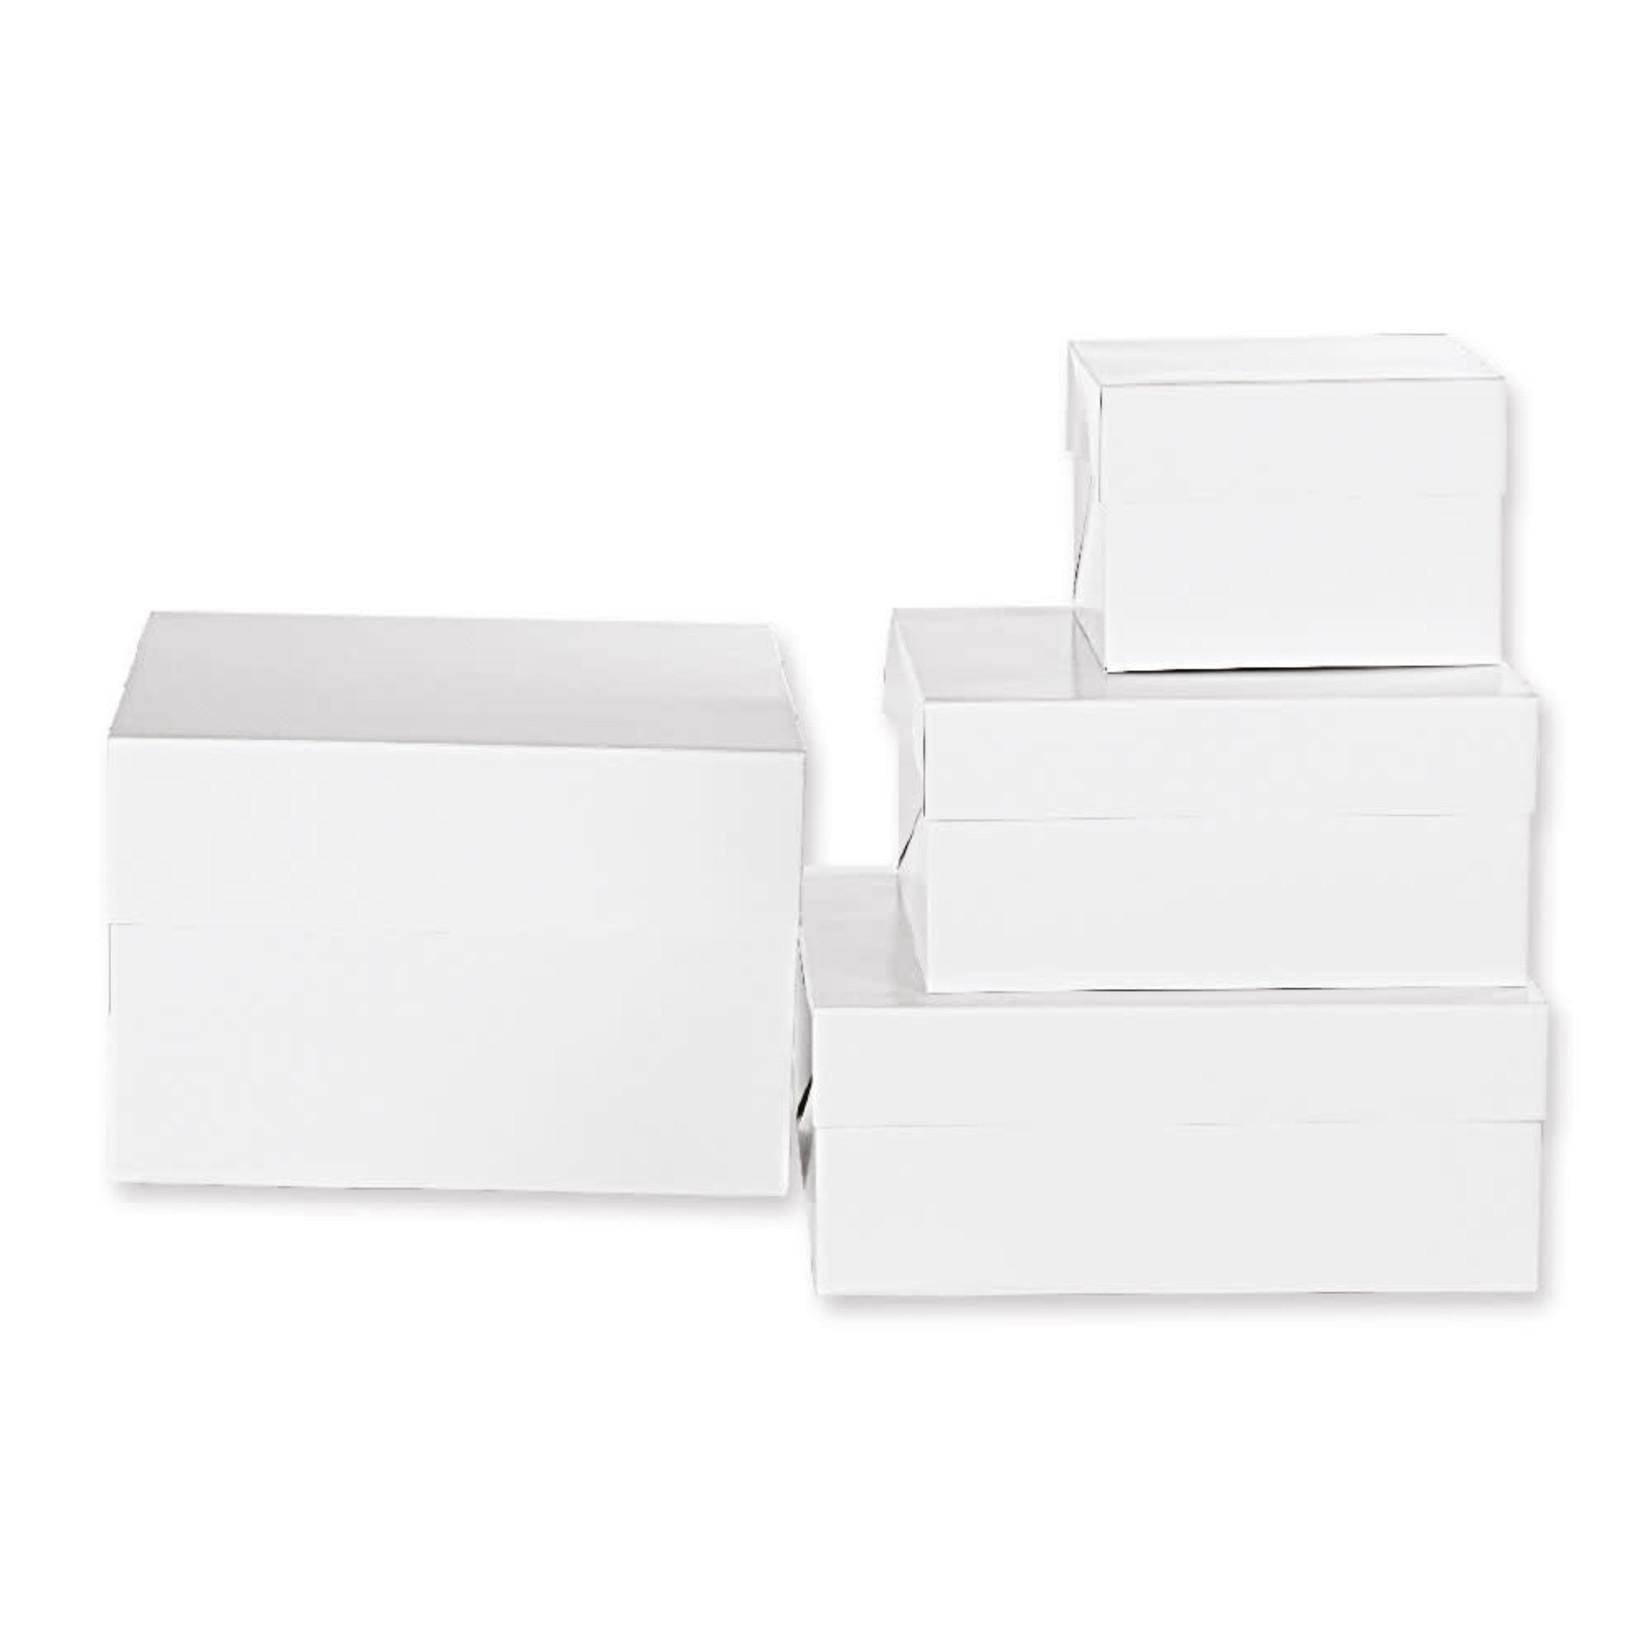 Decora taart-/gebakdoos  30,5x30,5x15cm  /10